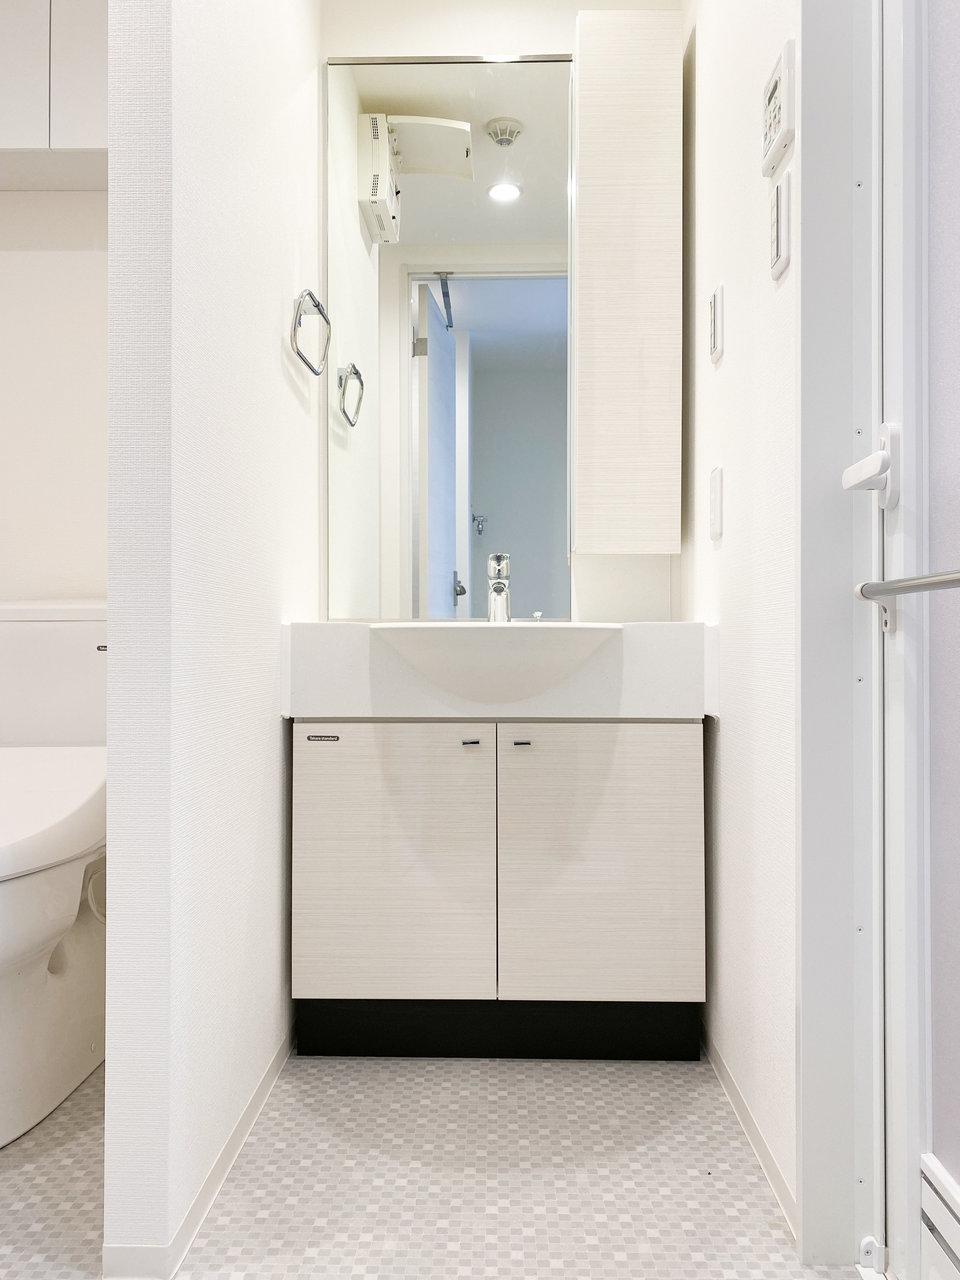 洗面台は大きめ。朝の身支度から夜のスキンケアまでスムーズに行えますね。